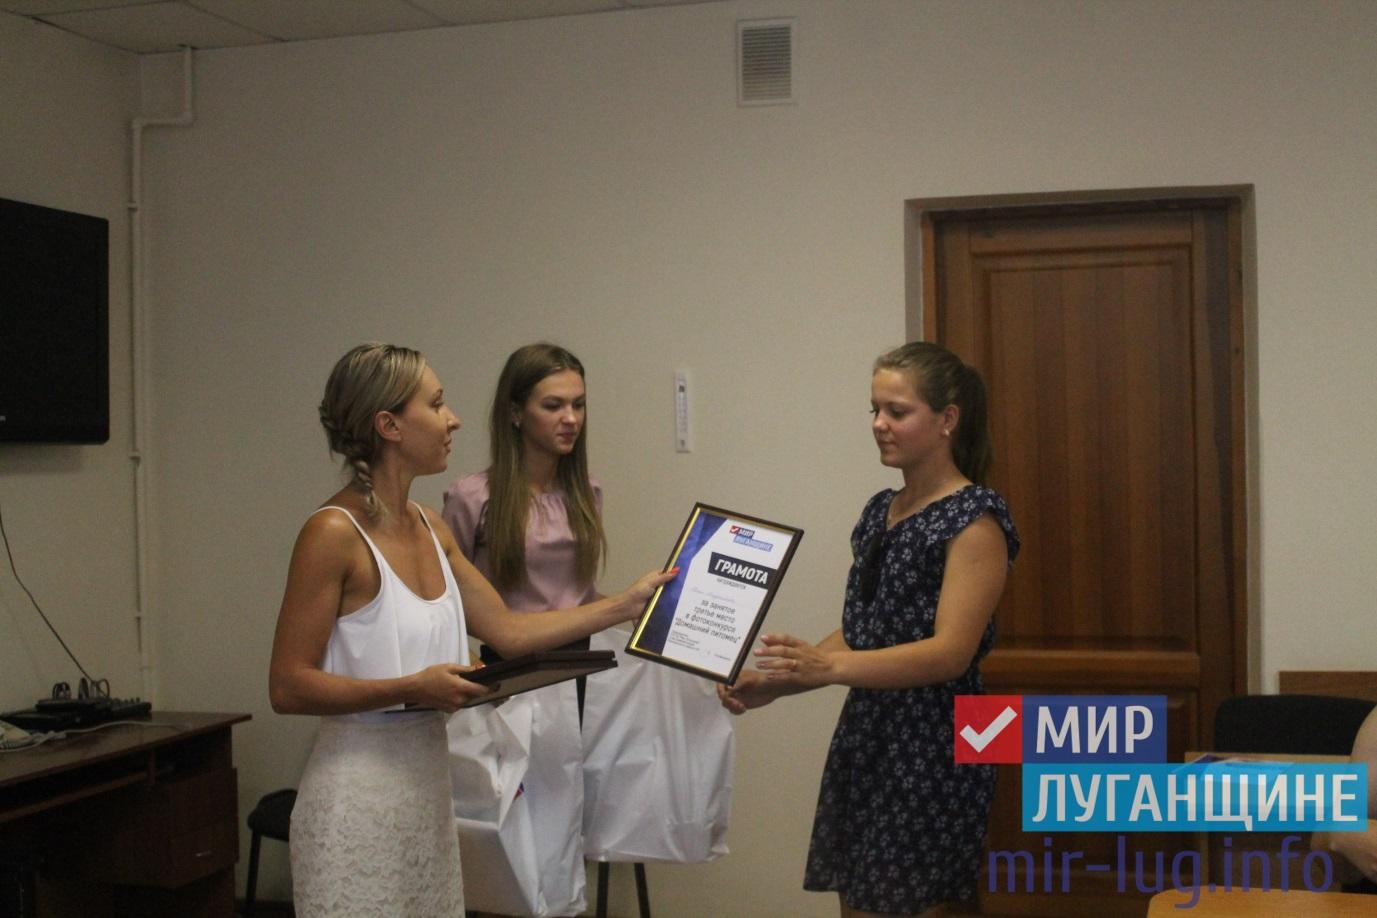 Награждение победителей фотоконкурса «Домашний питомец» состоялось в Перевальске 1